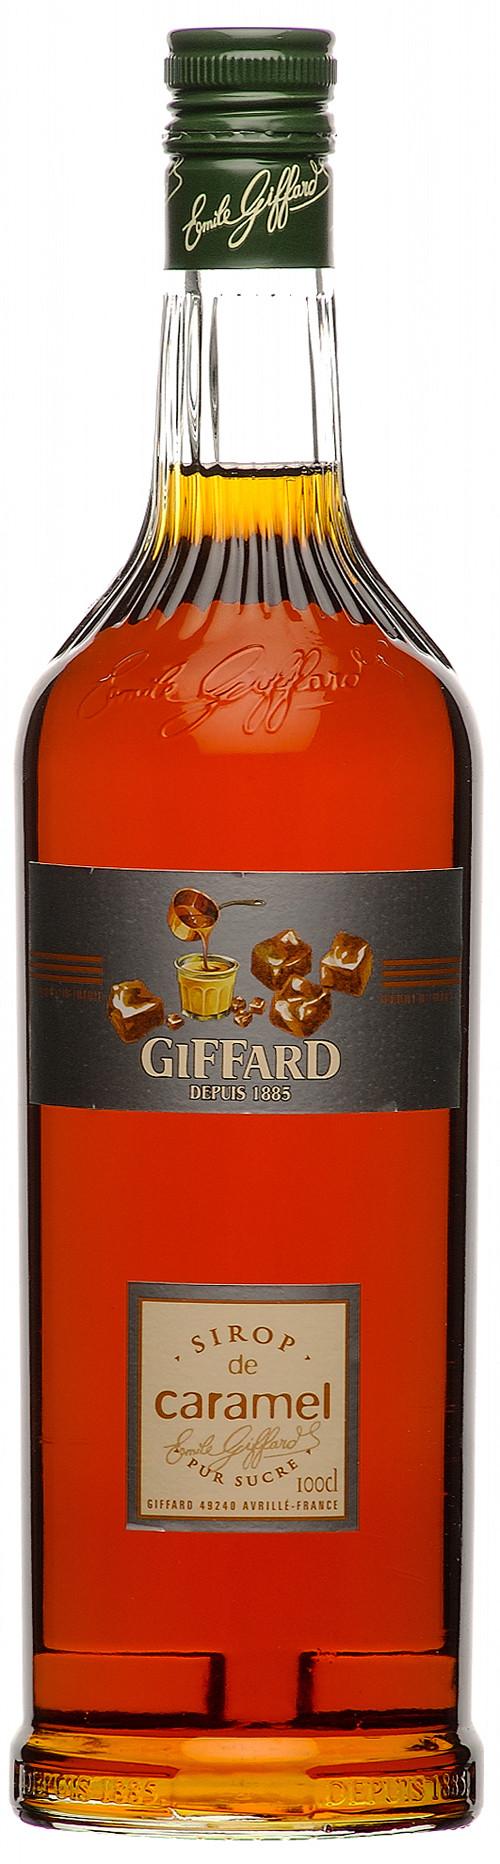 Giffard Caramel Syrop 100cl